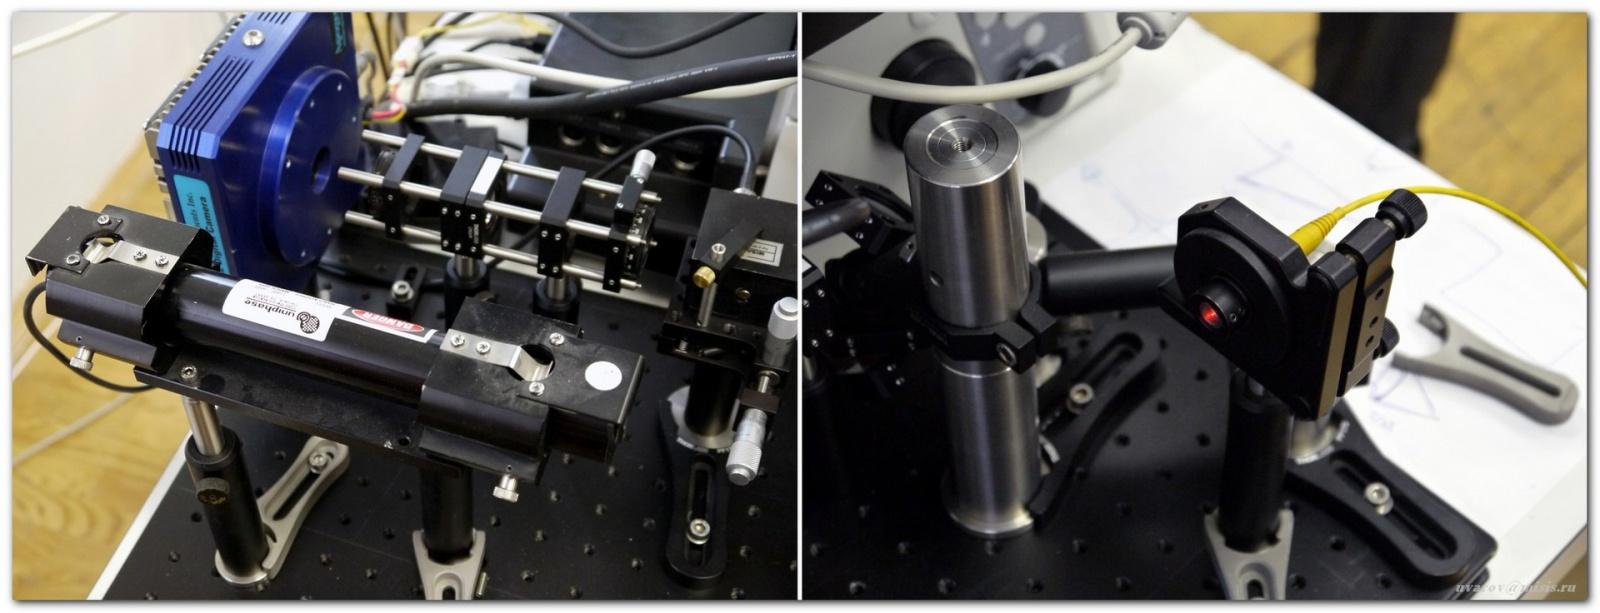 «Диагностировать рак поможет лазер», или Как устроен лазерный флуоресцентный гиперспектральный микроскоп - 7